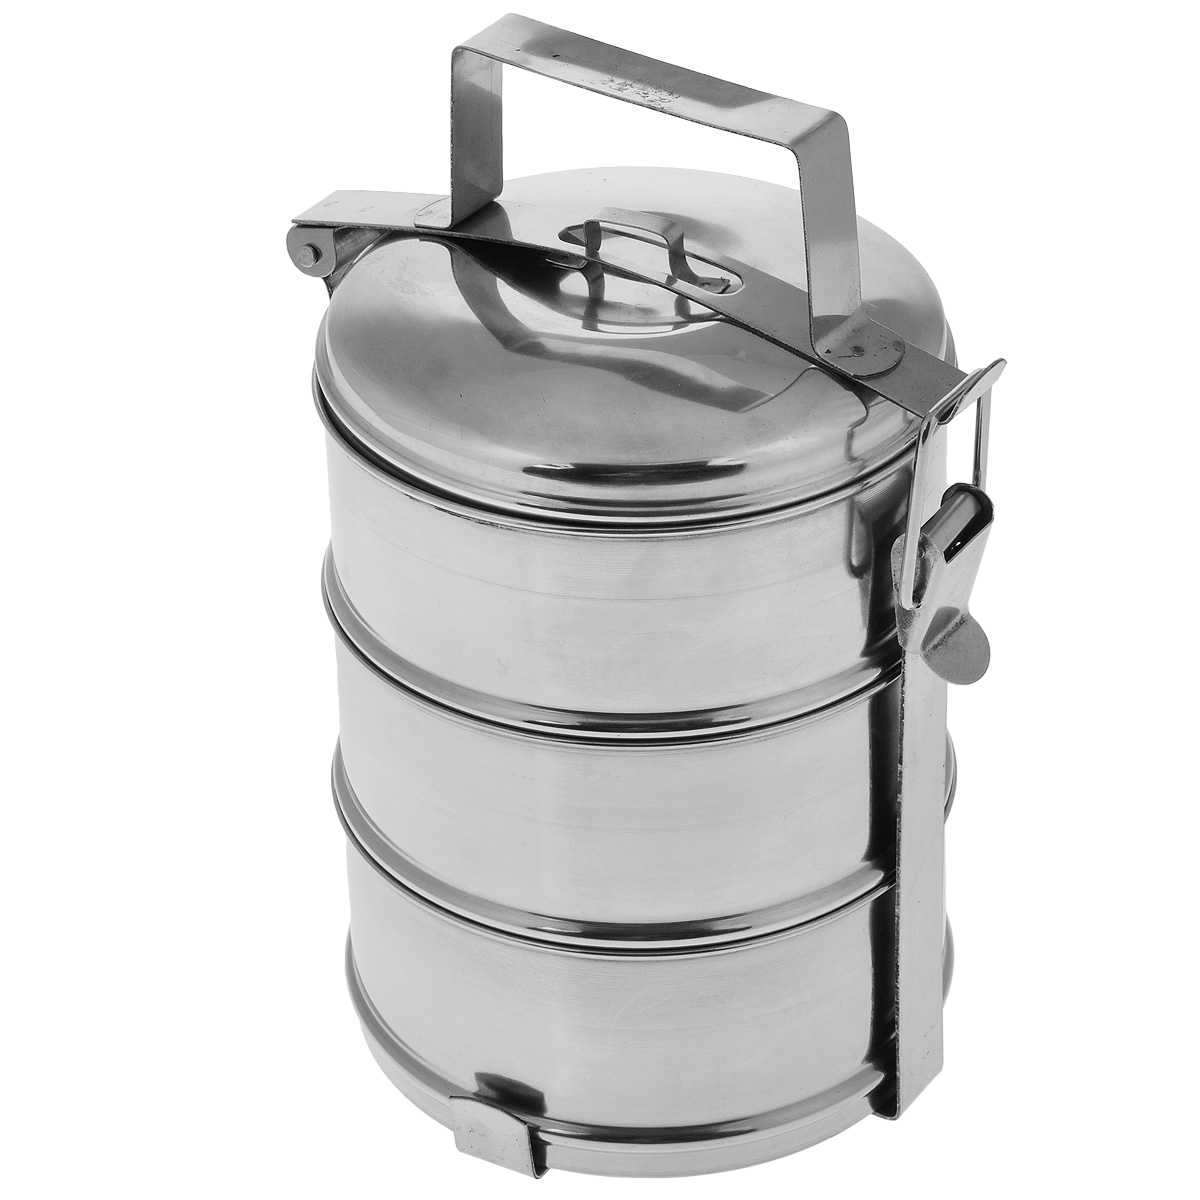 Ланч-бокс Padia, 14 см х 26 см, 3 контейнера6800-02Ланч-бокс Padia станет незаменимой вещью для офисных работников, водителей, путешественников и туристов. Изделие представляет собой 3 круглых контейнера, изготовленных из нержавеющей стали и предназначенных для переноски и хранения пищевых продуктов. Для удобства и компактности контейнеры вставляются один в другой и закрываются сверху крышкой. Ланч-бокс оснащен механизмом, благодаря которому все контейнеры фиксируются в одном положении и во время транспортировки не падают. Такой ланч-бокс идеален для пикников и путешествий. Вы можете носить в нем обеды и завтраки, супы, закуски, фрукты, овощи и другое. Размер одного контейнера: 14 см х 14 см х 6,5 см.Общий размер ланч-бокса (с учетом крышки): 14 см х 14 см х 26 см.